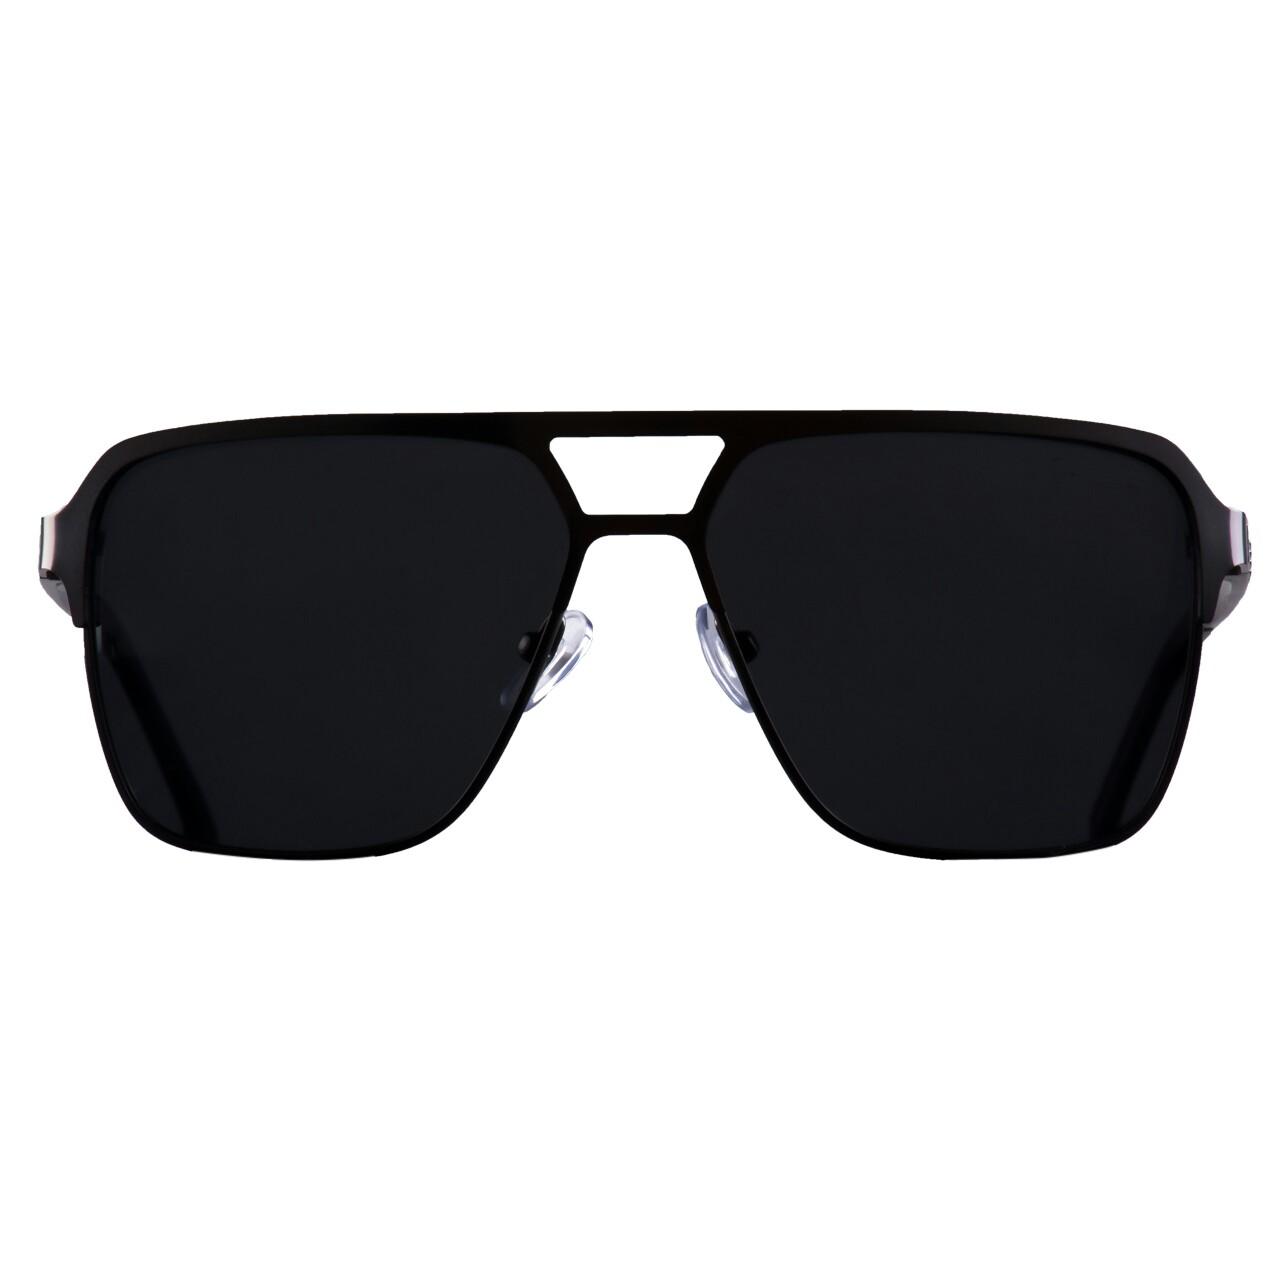 قیمت عینک افتابی پلاریزه مدل GS257